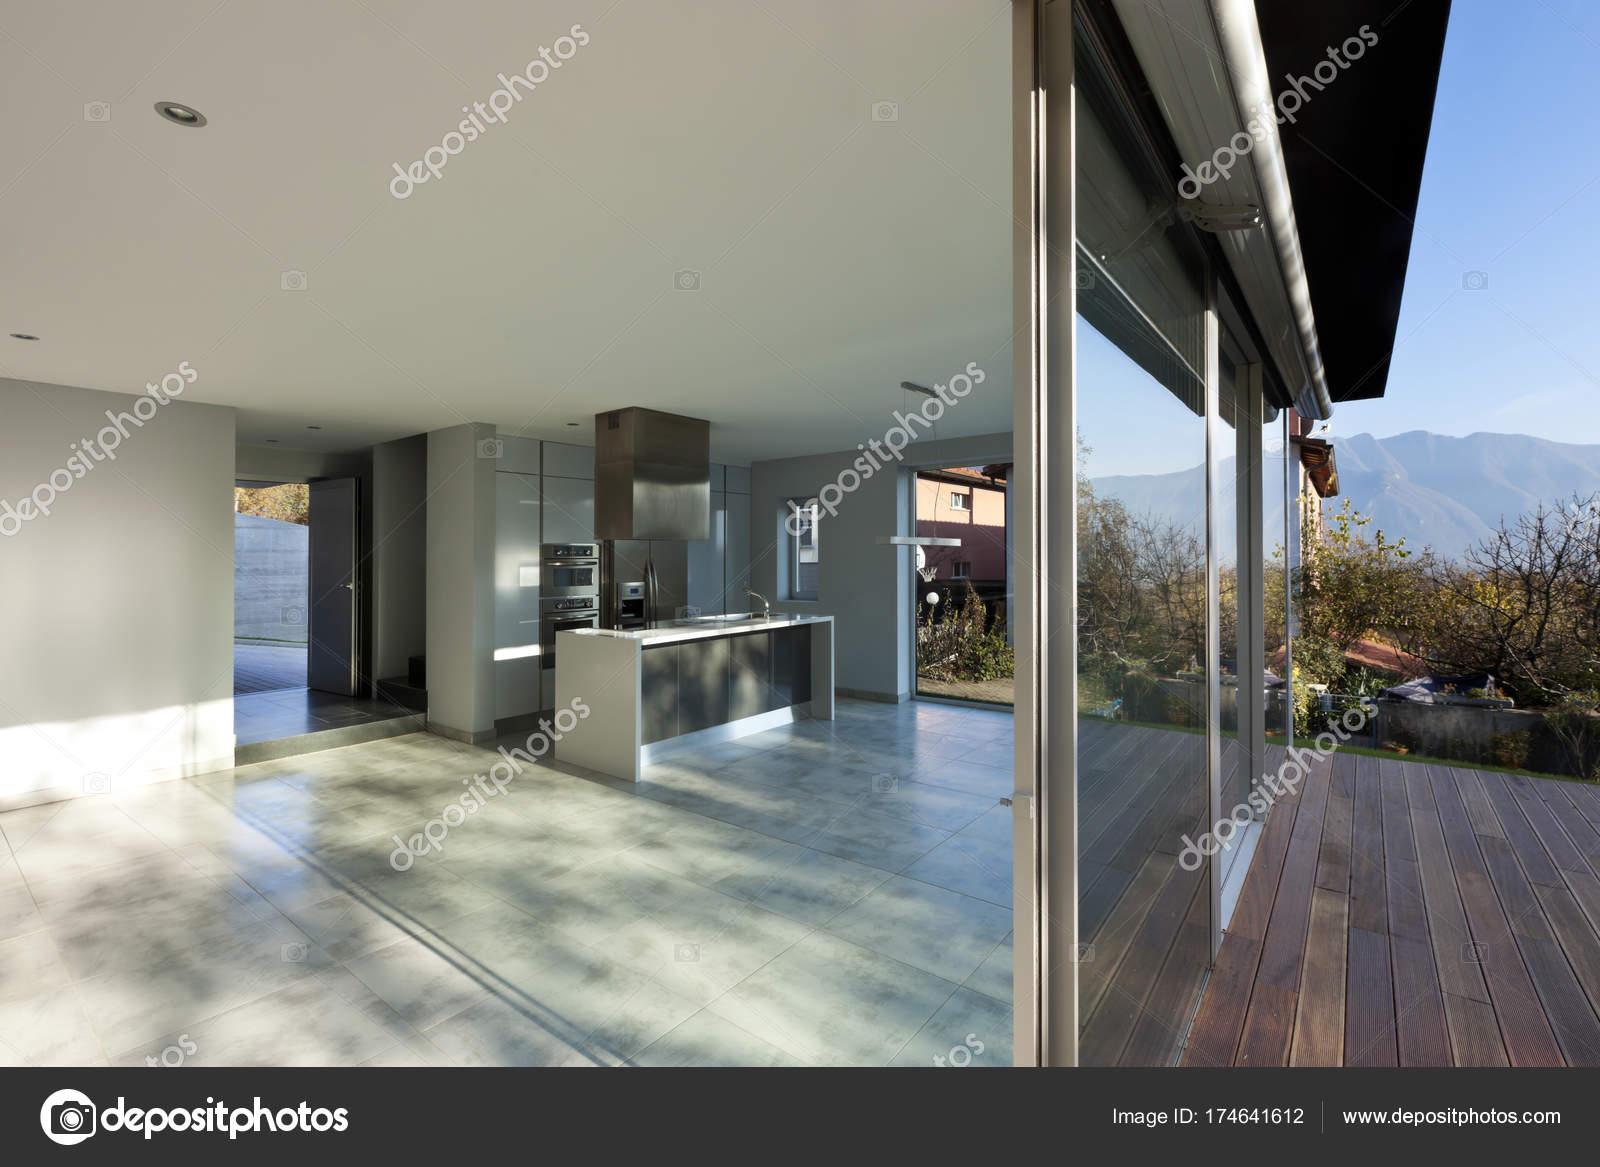 Modernes Haus Innenräume, niemand — Stockfoto © Zveiger #174641612